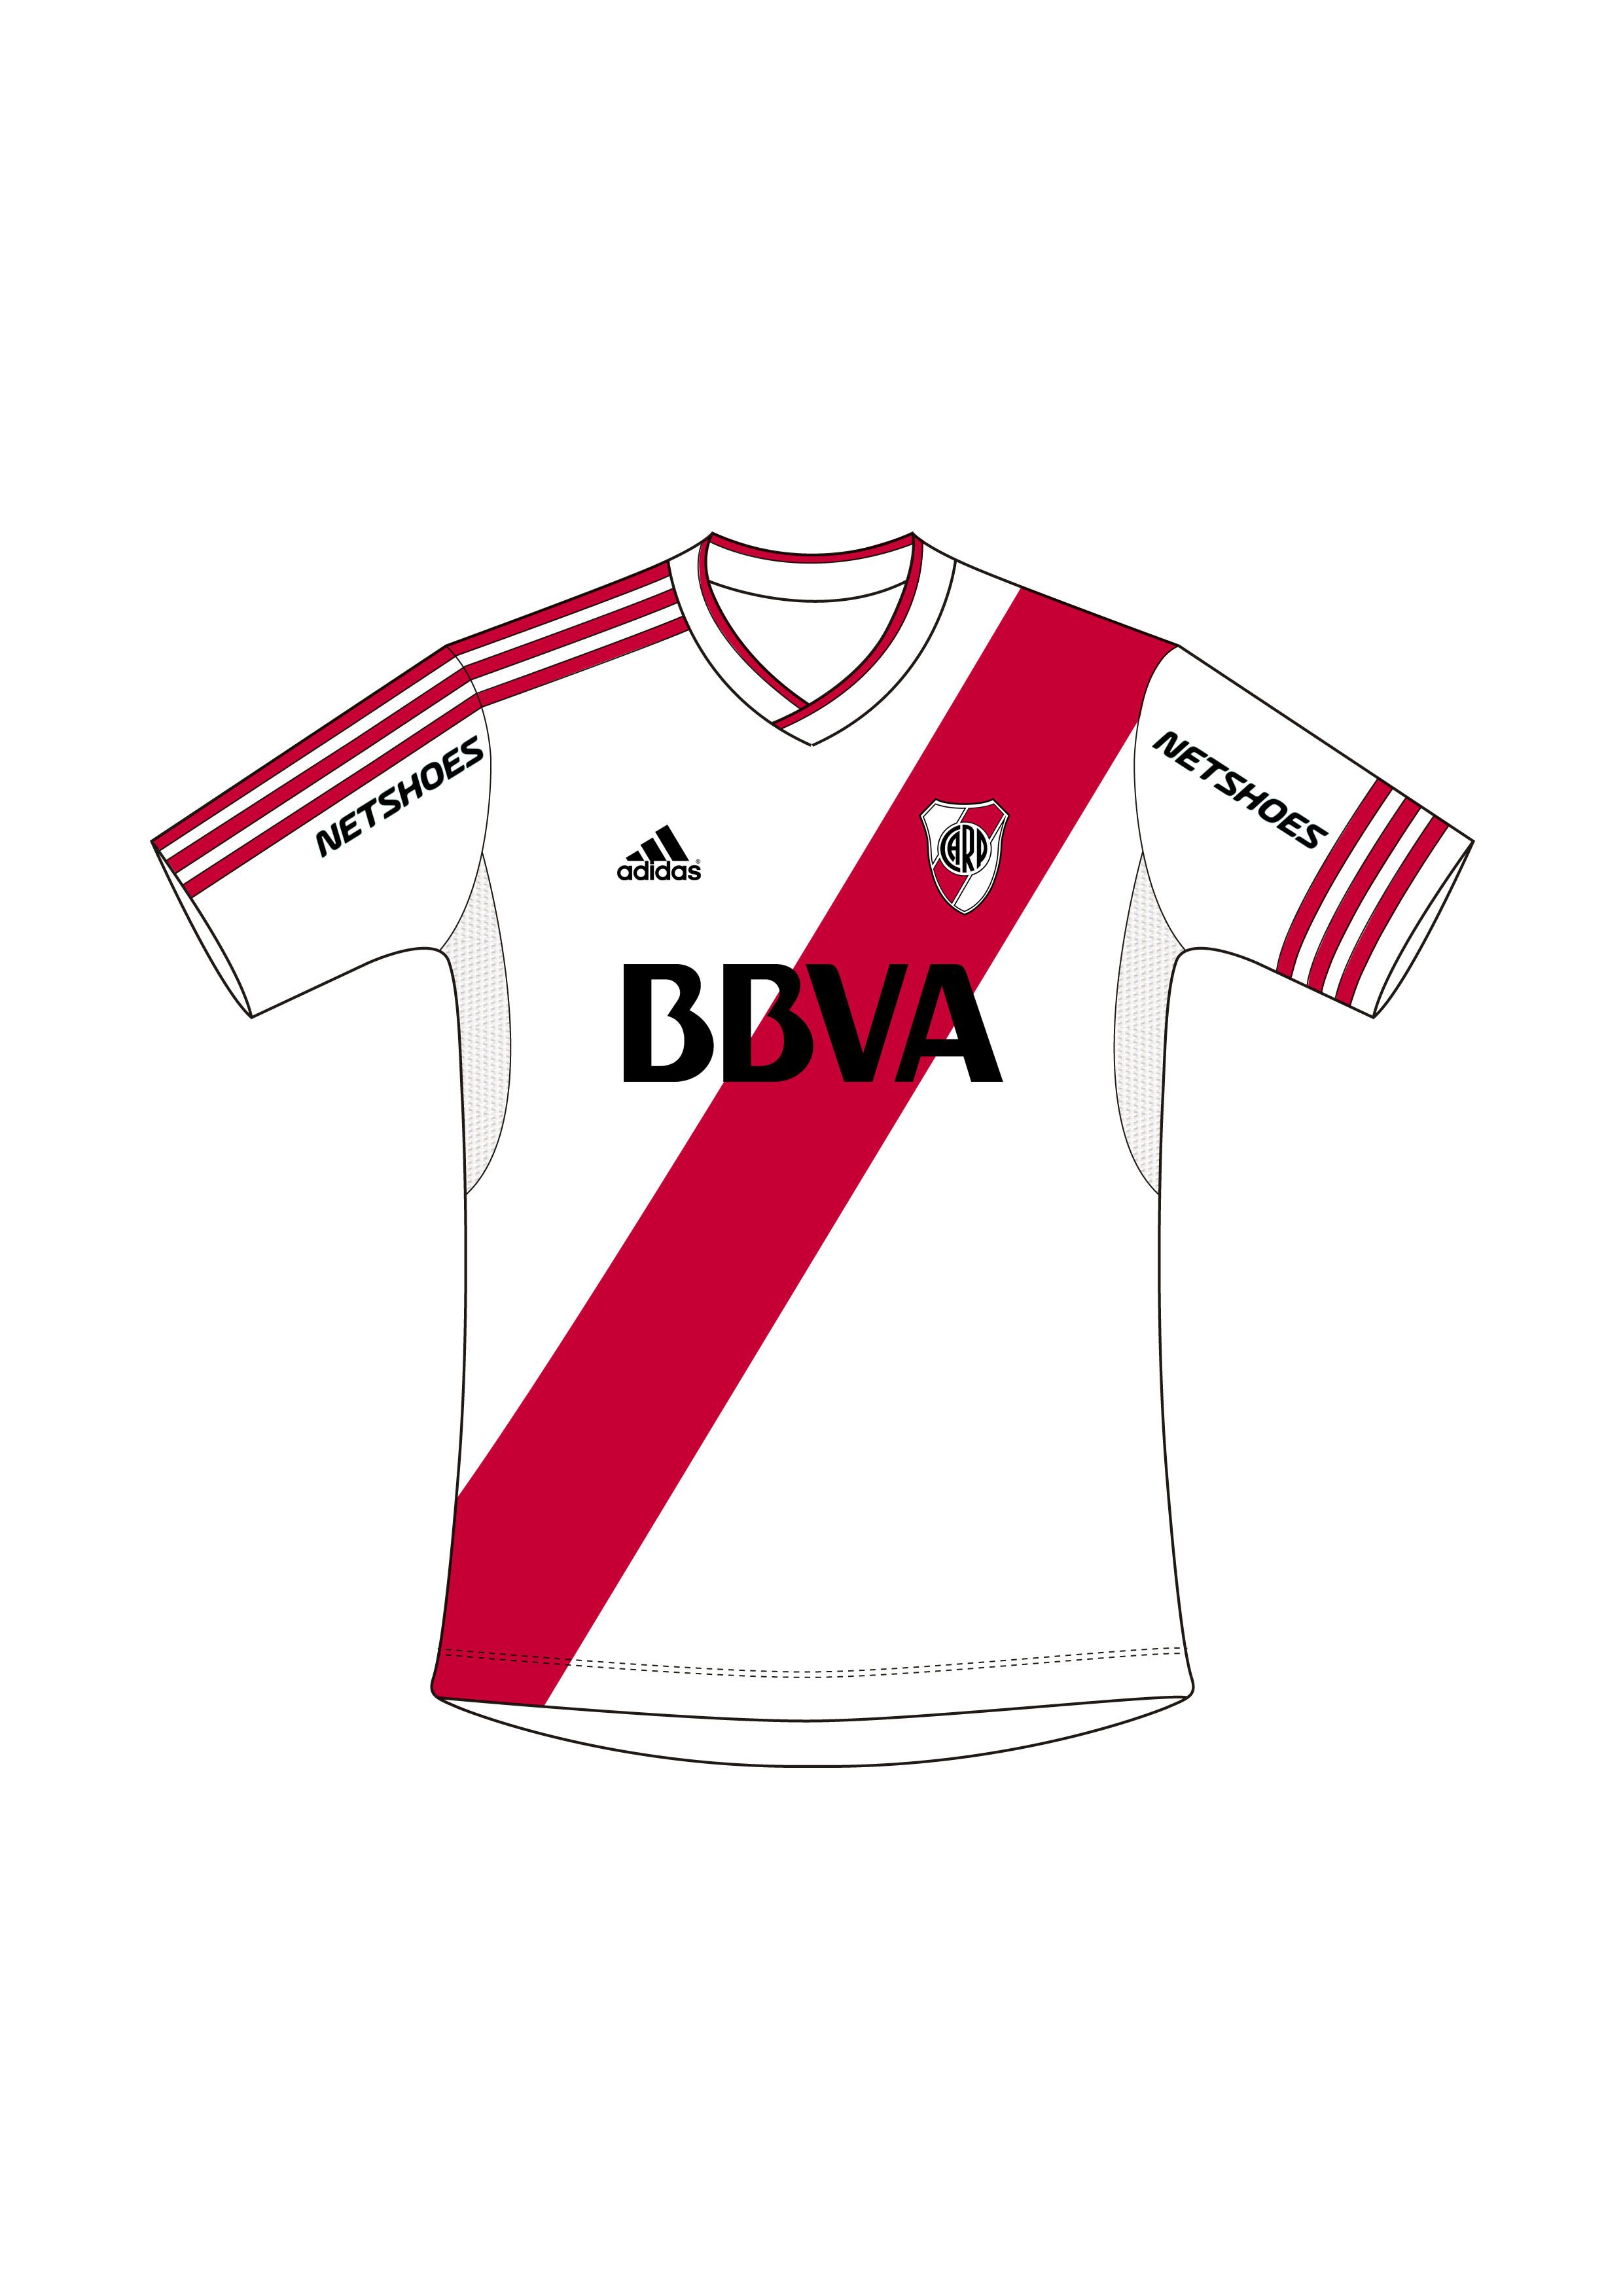 cb774dd293839 Camiseta River Plate. Temporada 2015 2016 para Adidas.